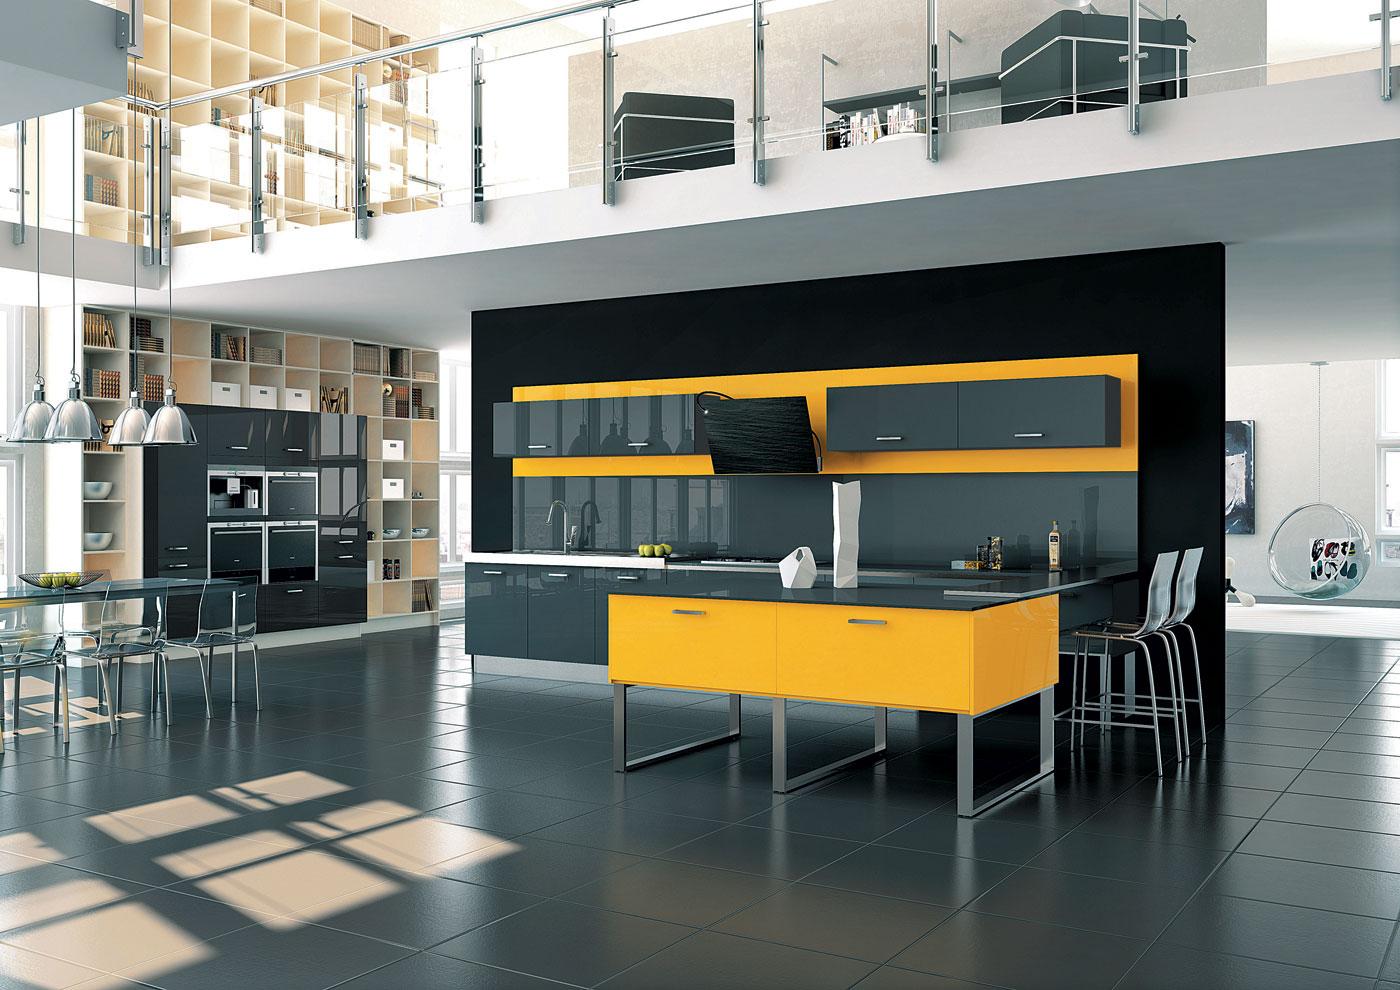 Faure agencement perene lyon cuisines salle de bains rangement concessionnaire perene du - Cuisine moutarde ...